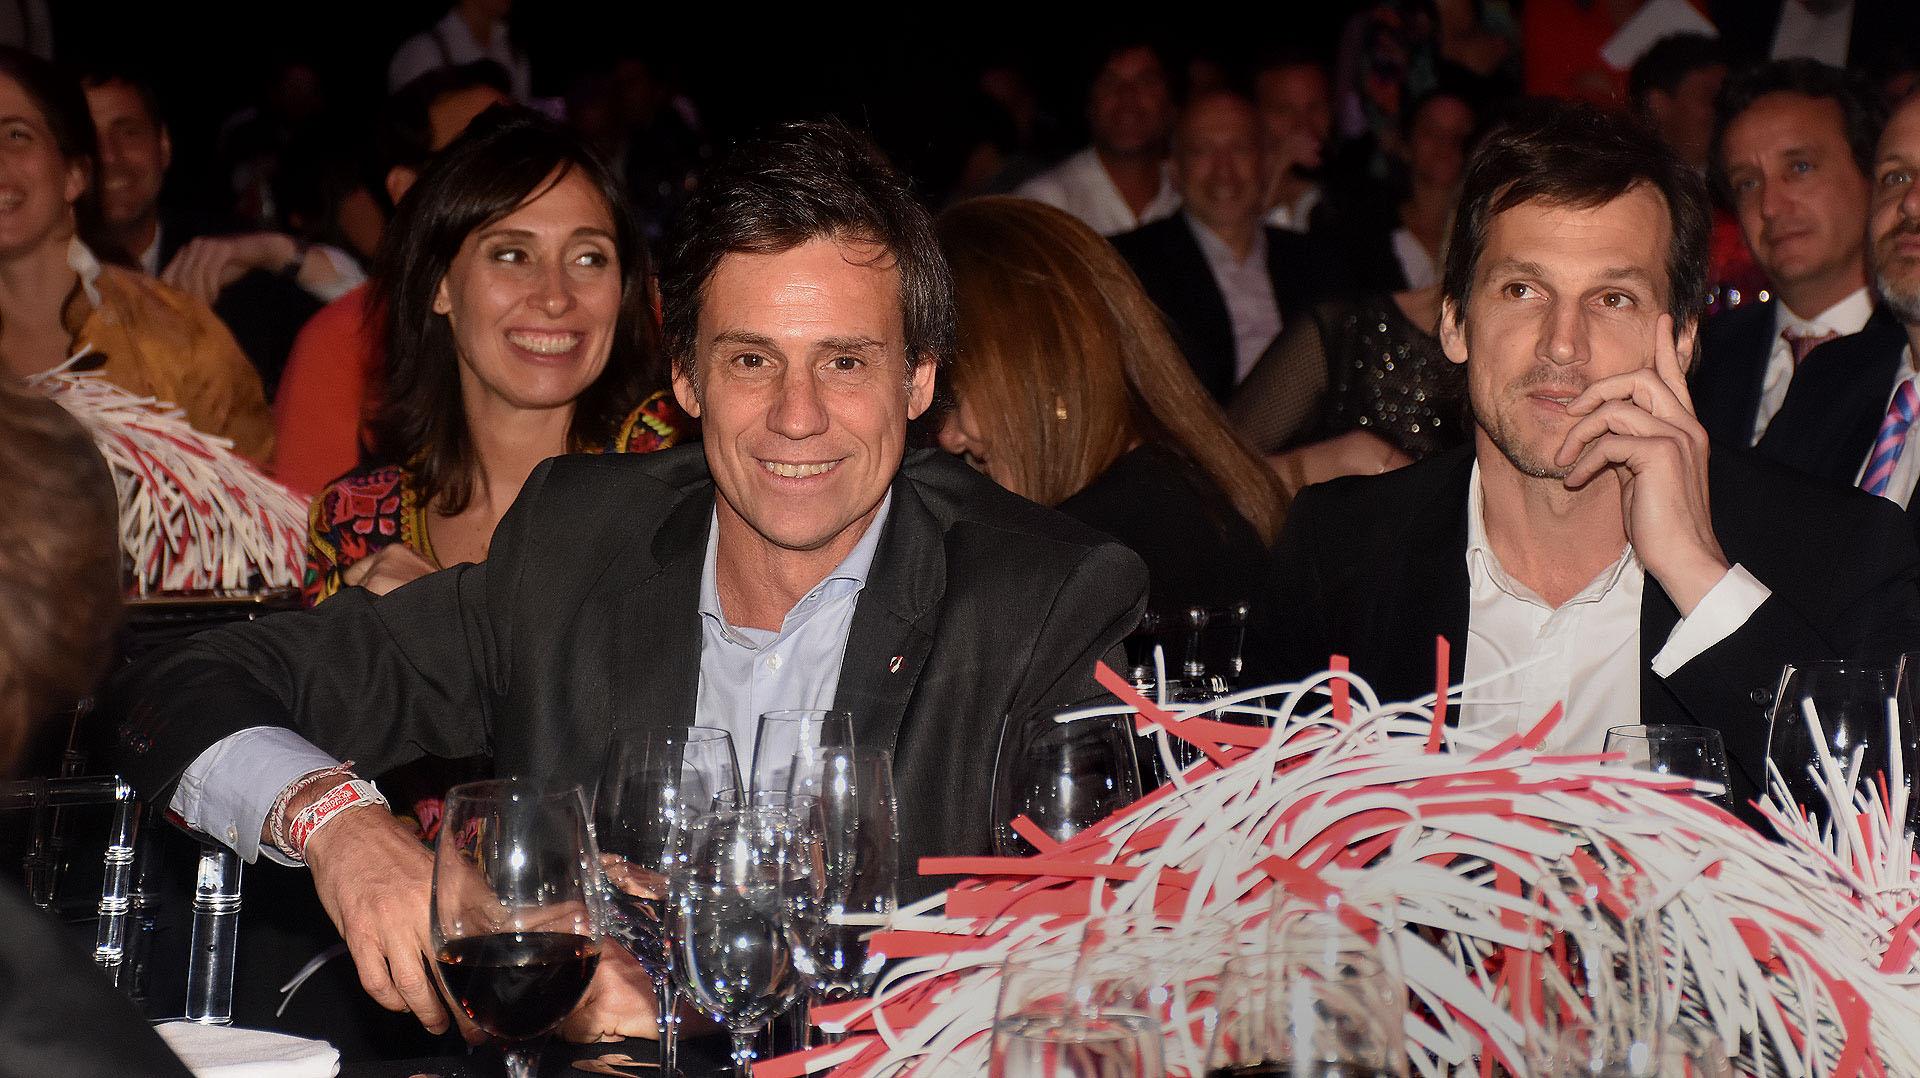 Santiago Poblet Videla, presidente de Relaciones Públicas de River y vocal titular; y Cruz Pereyra Lucena